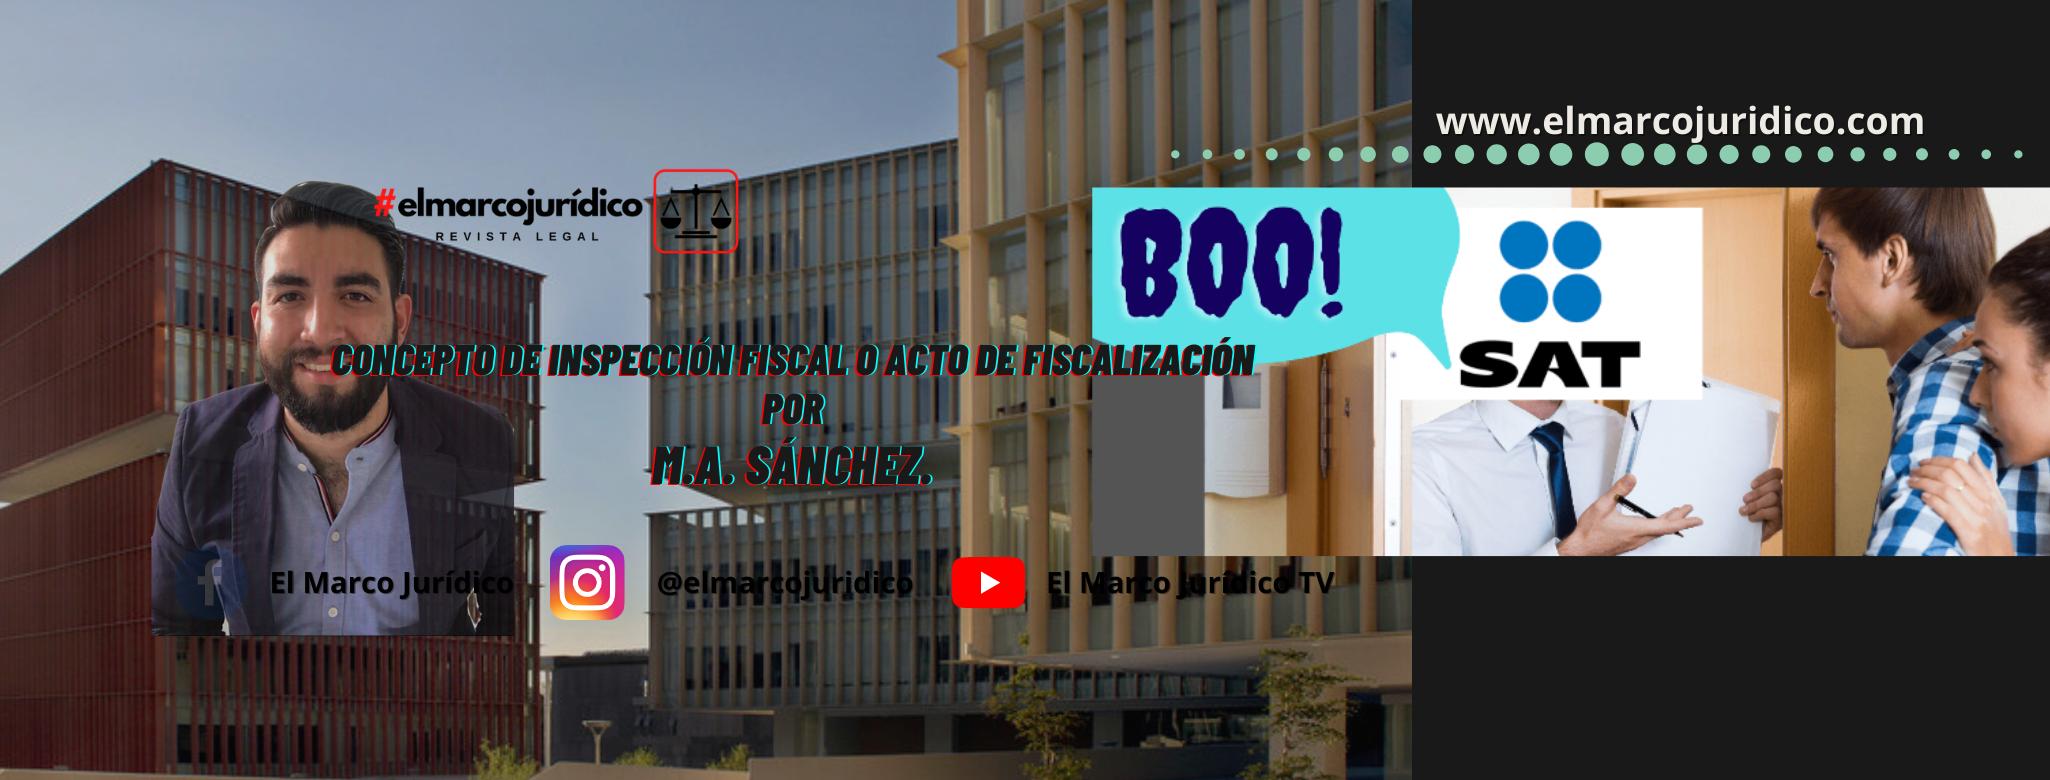 Concepto de inspección fiscal o fiscalización. | M. A. Sánchez.